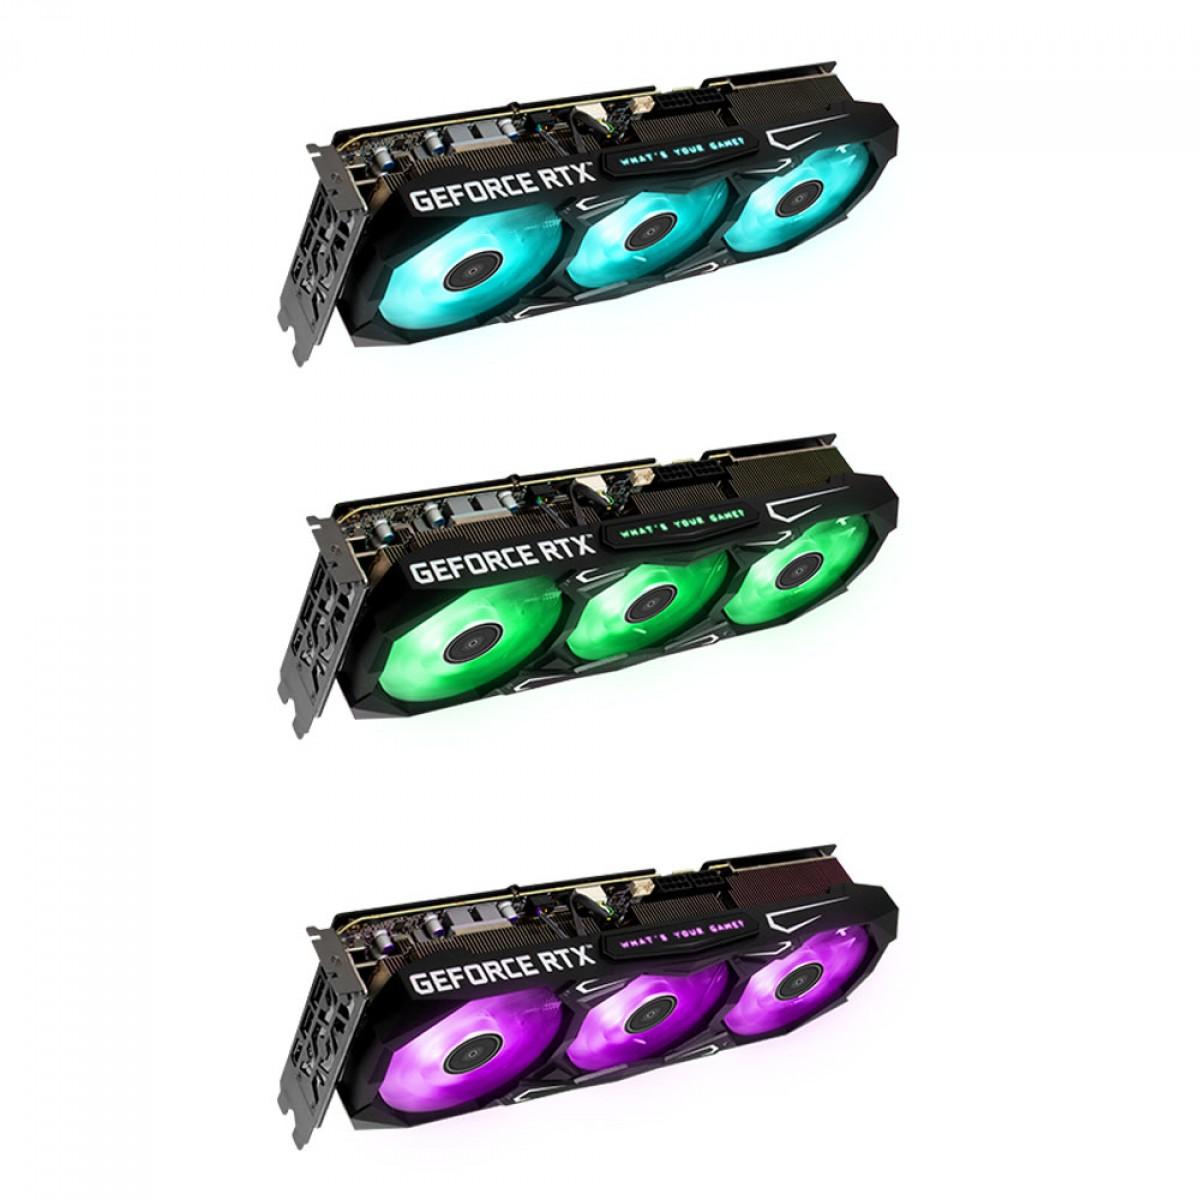 Placa de Vídeo Galax GeForce RTX 3070 Ti SG (1-CLICK OC), LHR, 8GB, GDDR6X, 256bit, DLSS, Ray Tracing, 37ISM6MD4BSG